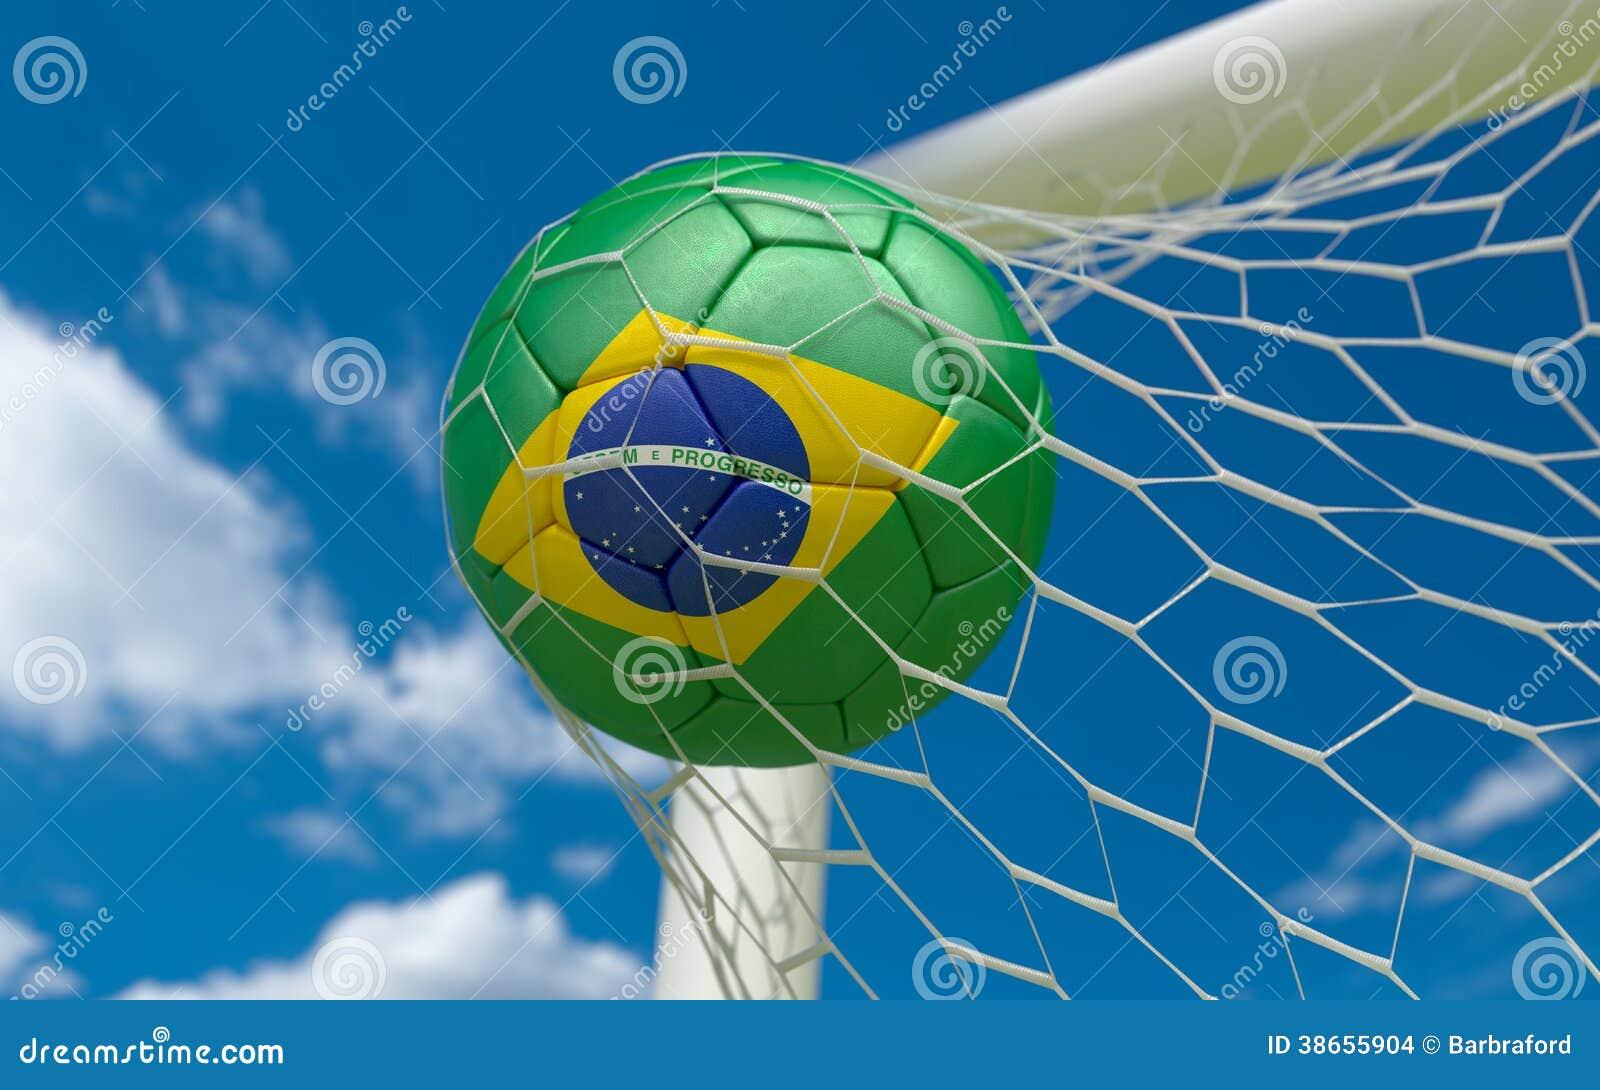 Brazil flag and soccer ball in goal net